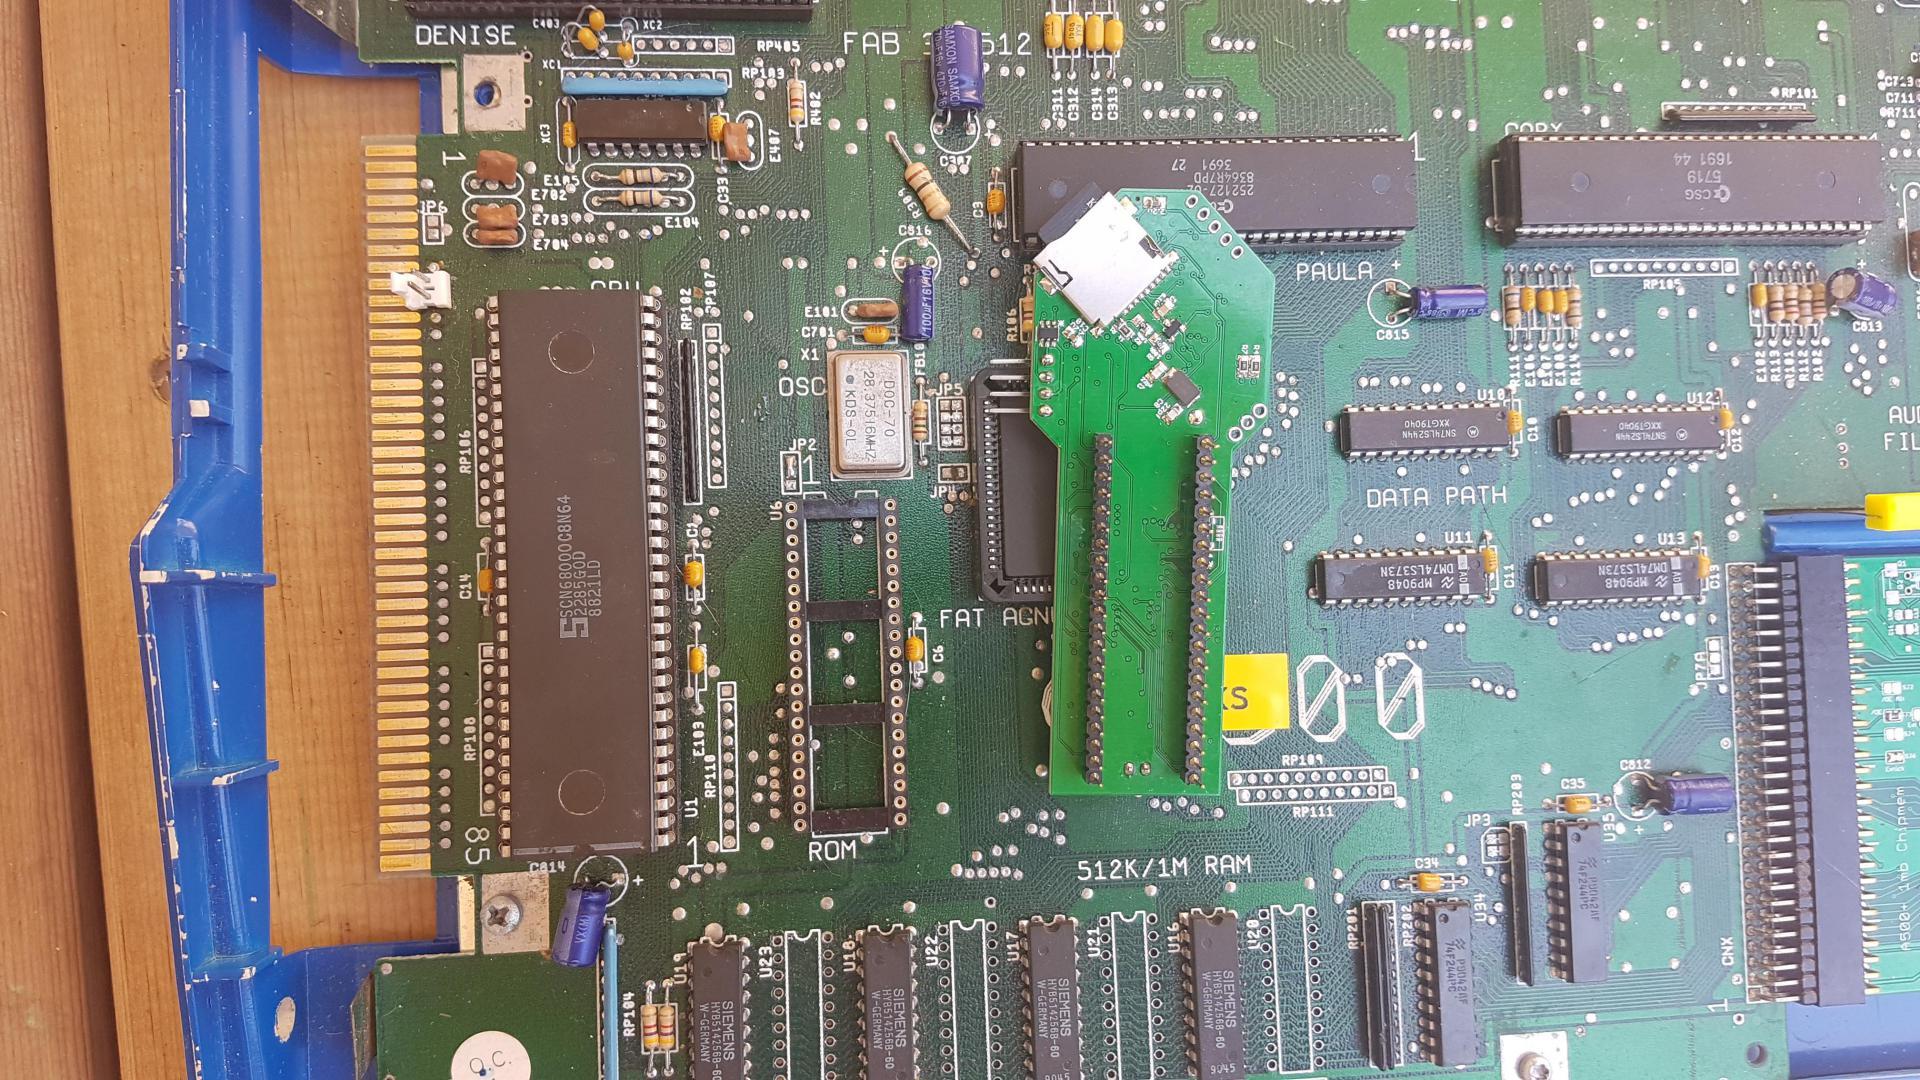 Klikněte na obrázek pro zobrazení větší verze  Název: romulatorbottom.jpg Zobrazeno: 50 Velikost: 425,4 KB ID: 9611